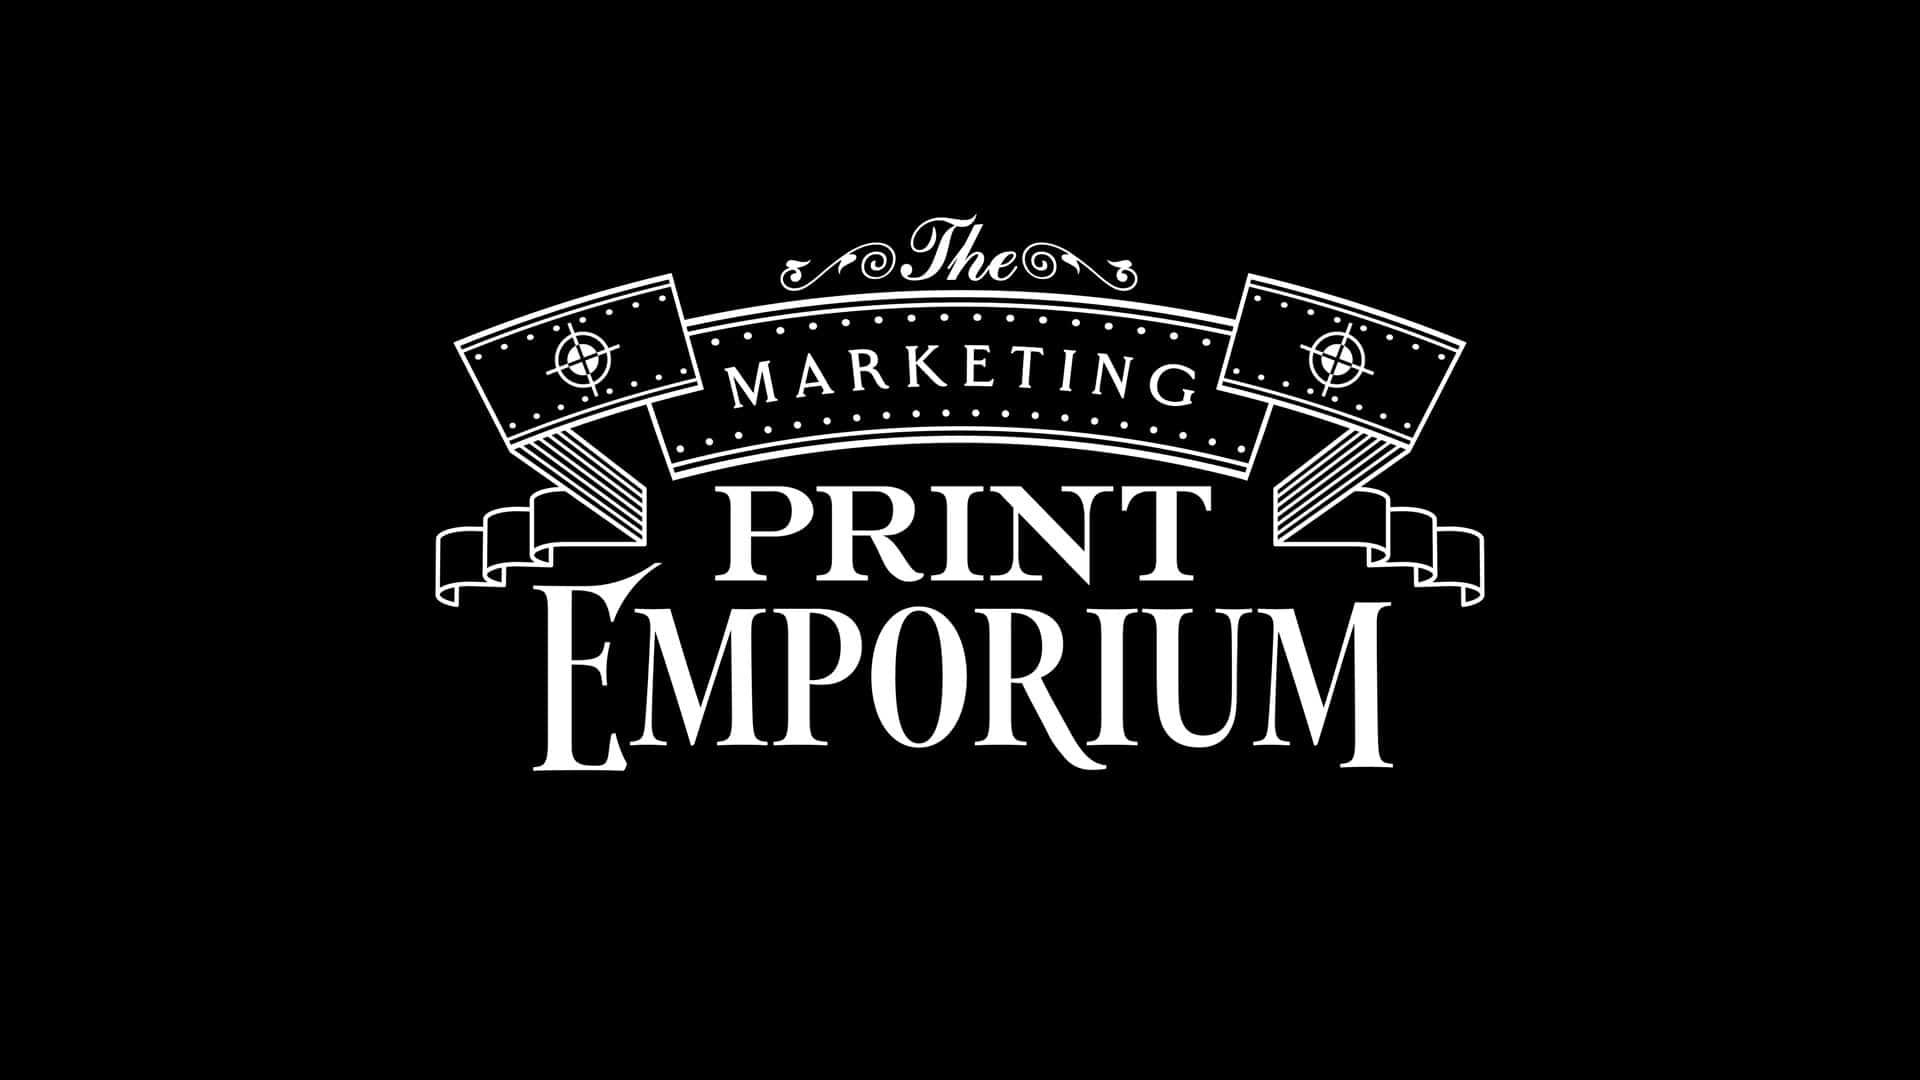 Marketing Print Emporium Image 3